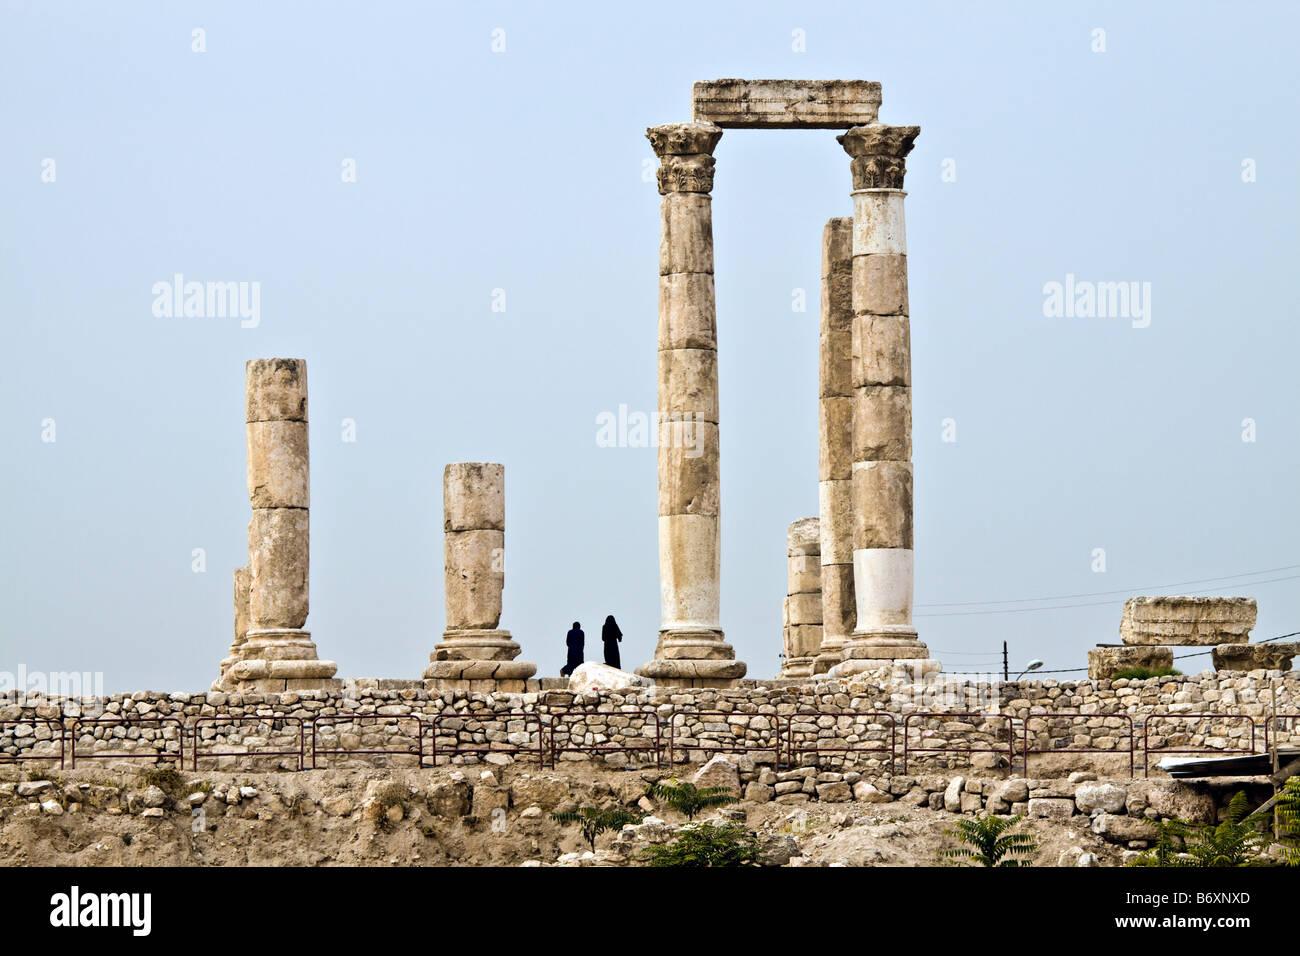 Amman citadel Jordan. Hercules temple. Roman time period - Stock Image